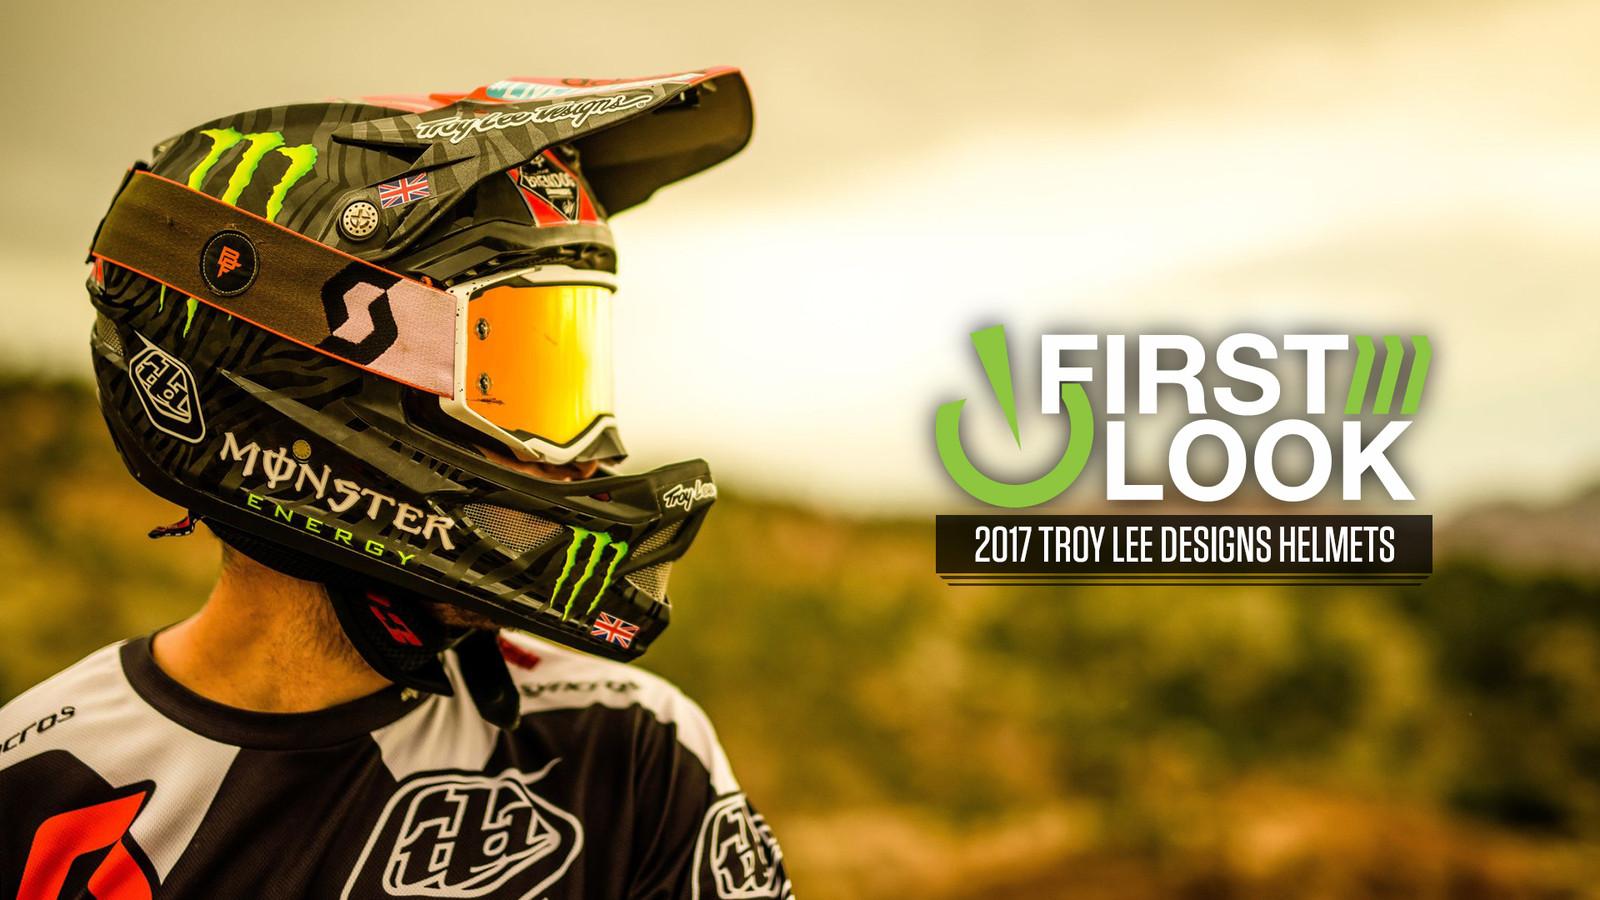 First Look: 2017 Troy Lee Designs Helmet Range